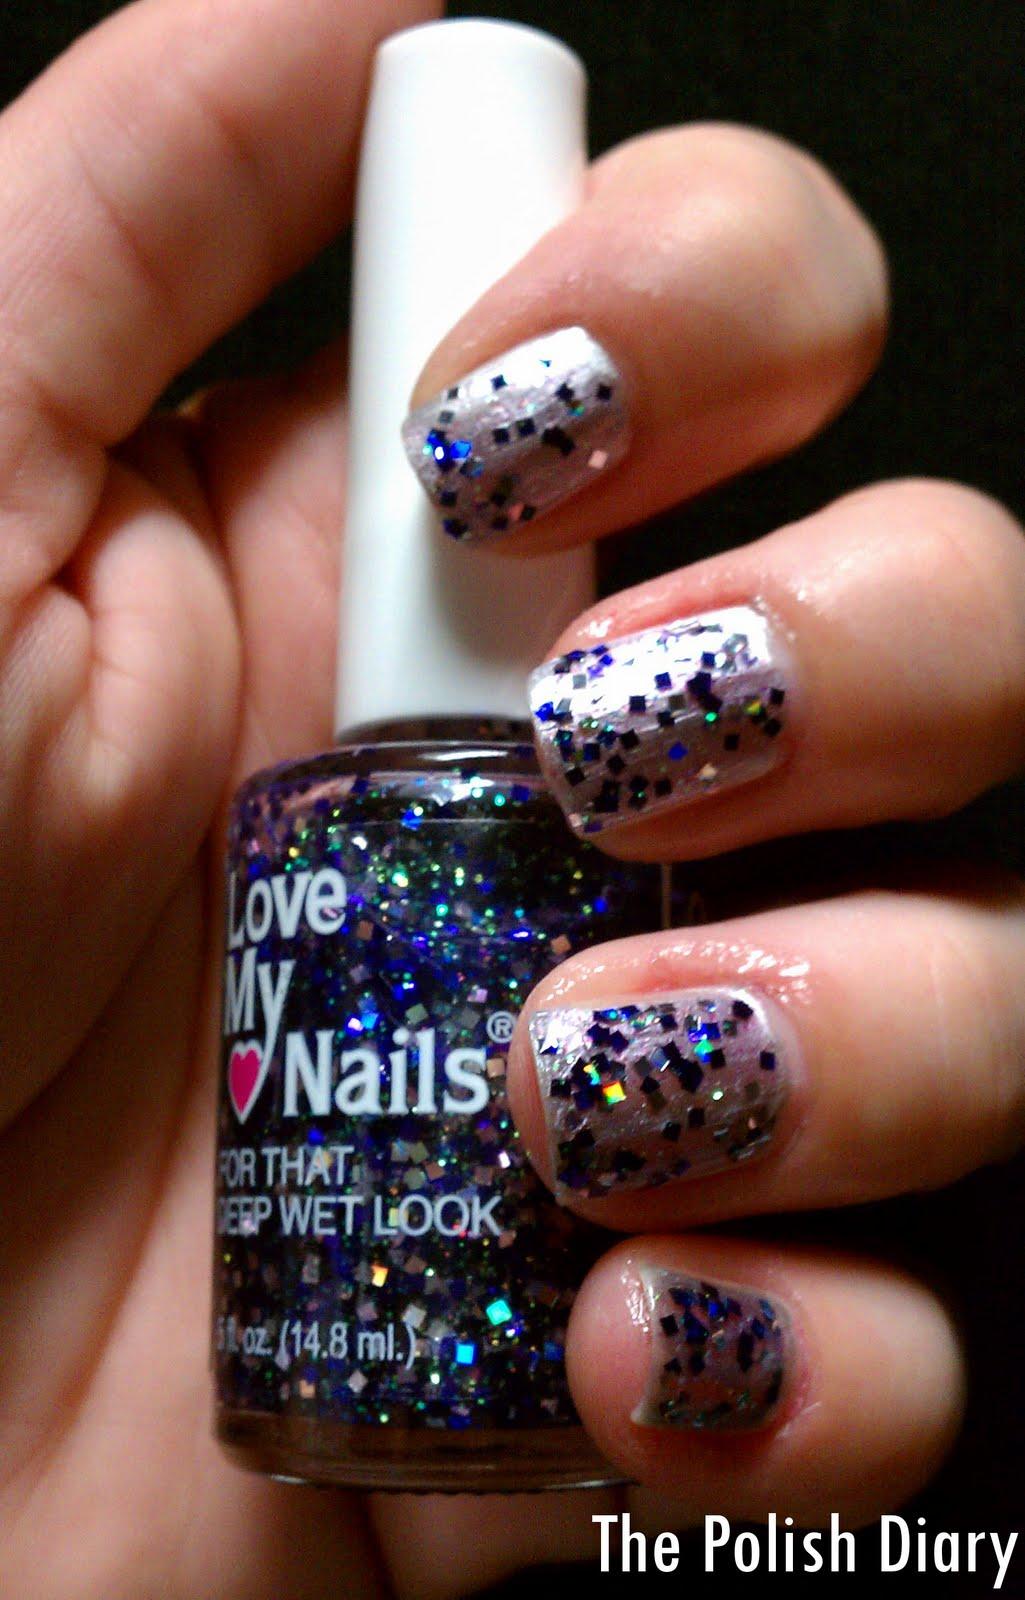 The Polish Diary: Love My Nails Glitter